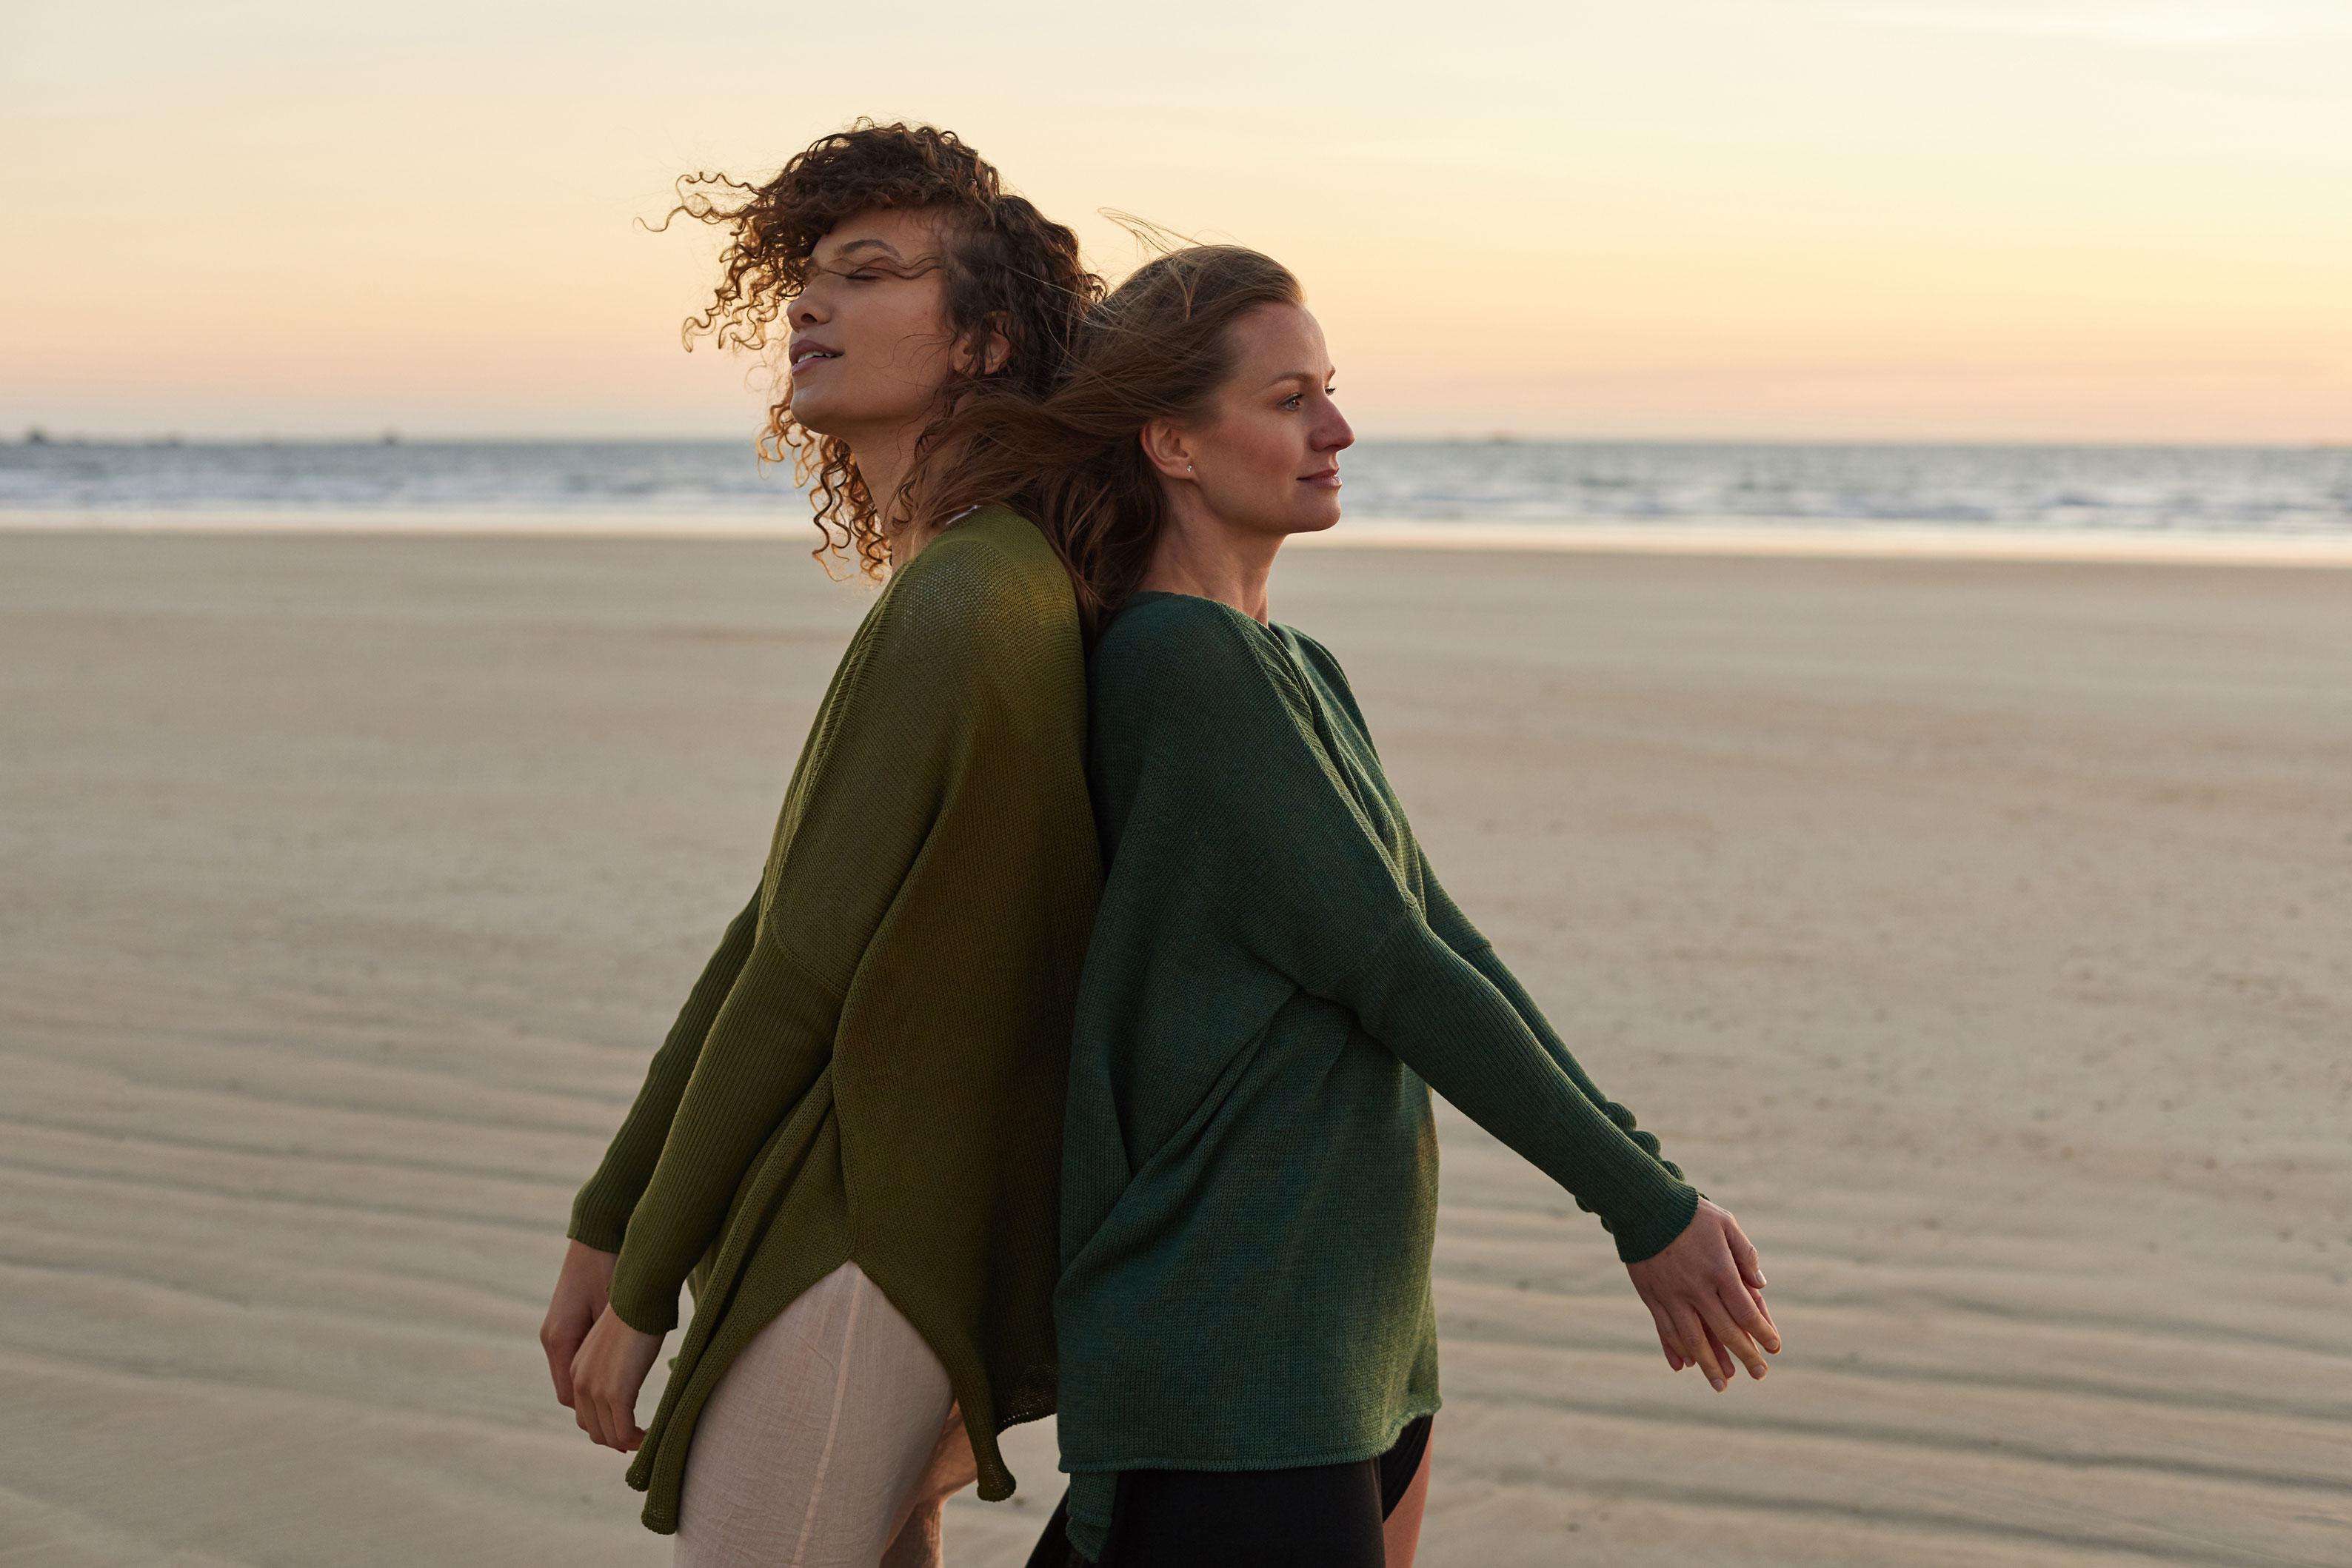 photographe de mode pour campagne publicitaire - production à Brest